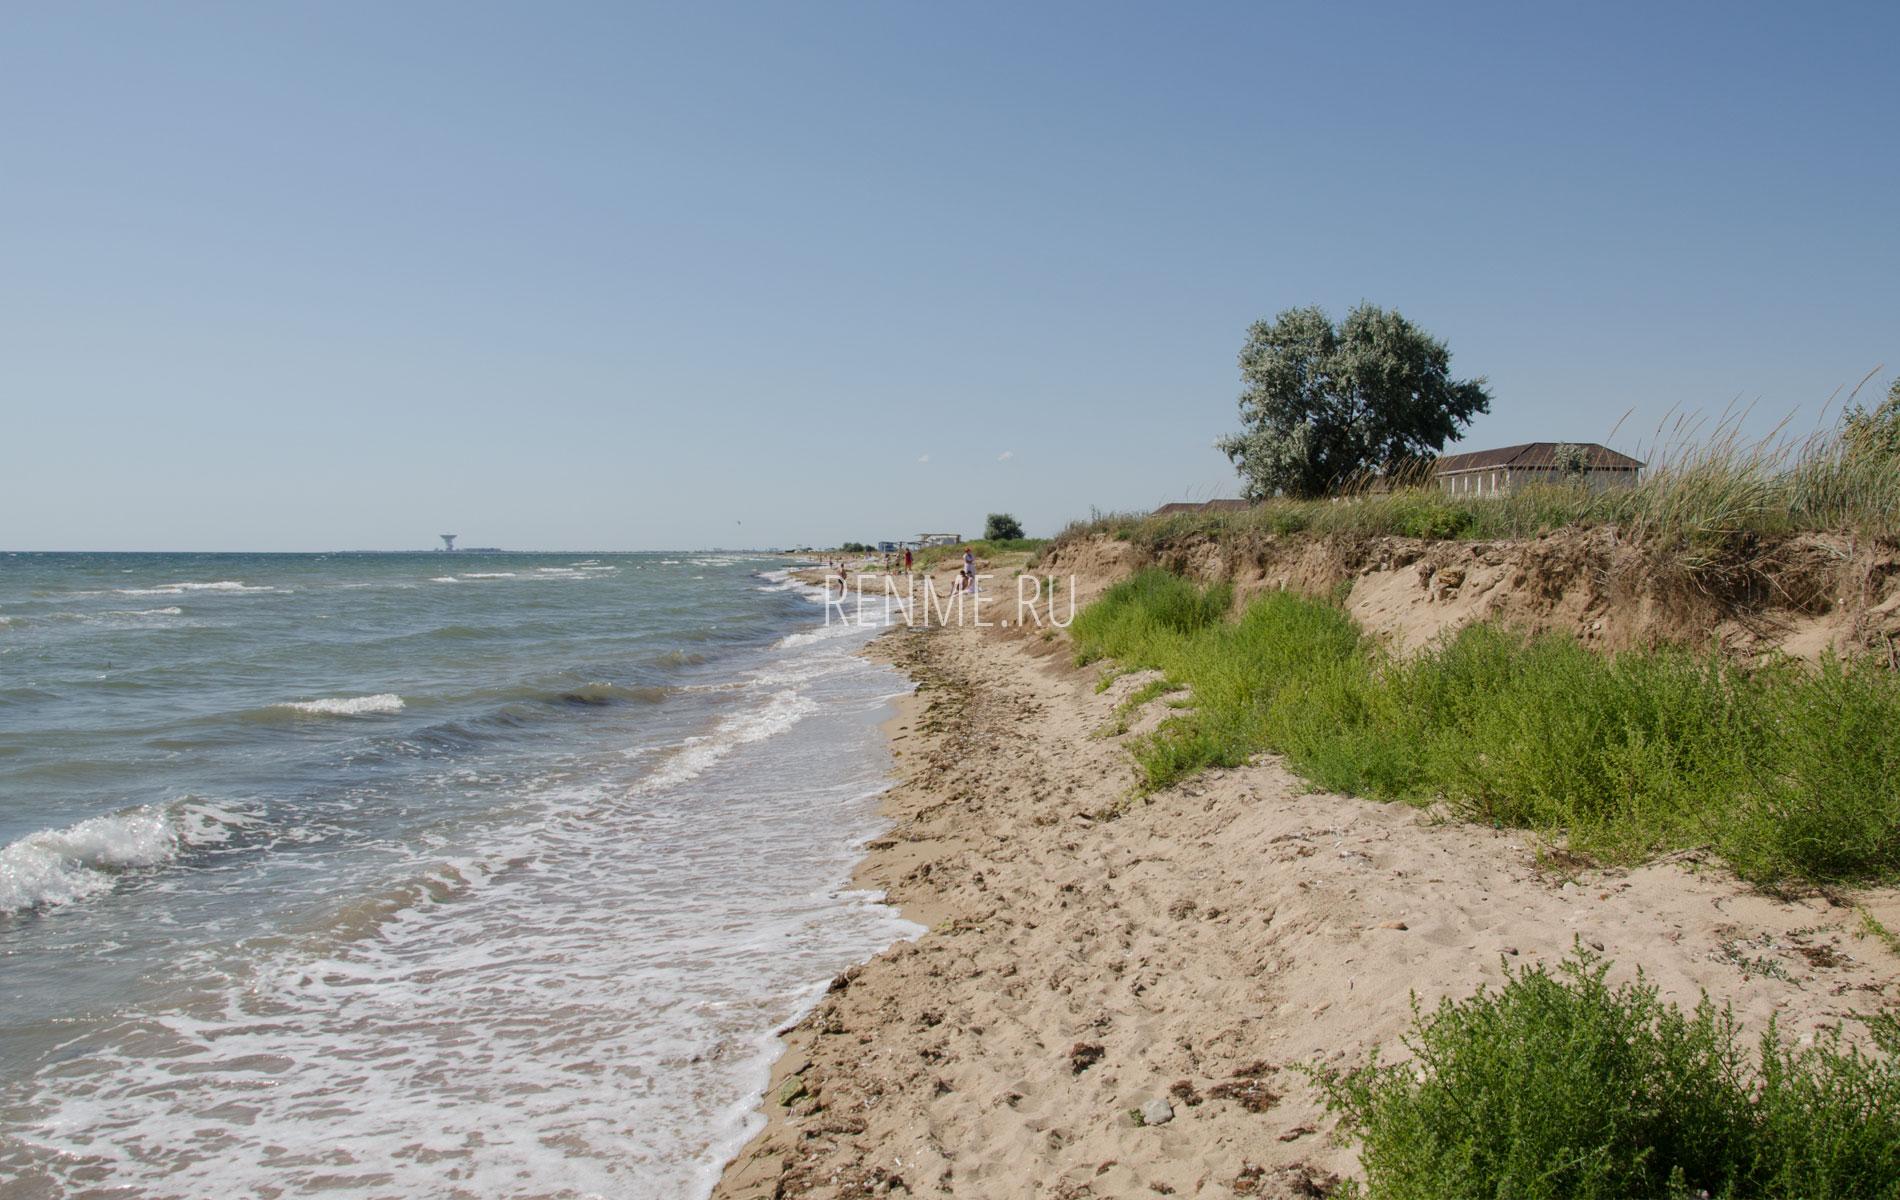 Дикий песчаный пляж в Заозерном 2019. Фото Заозёрного